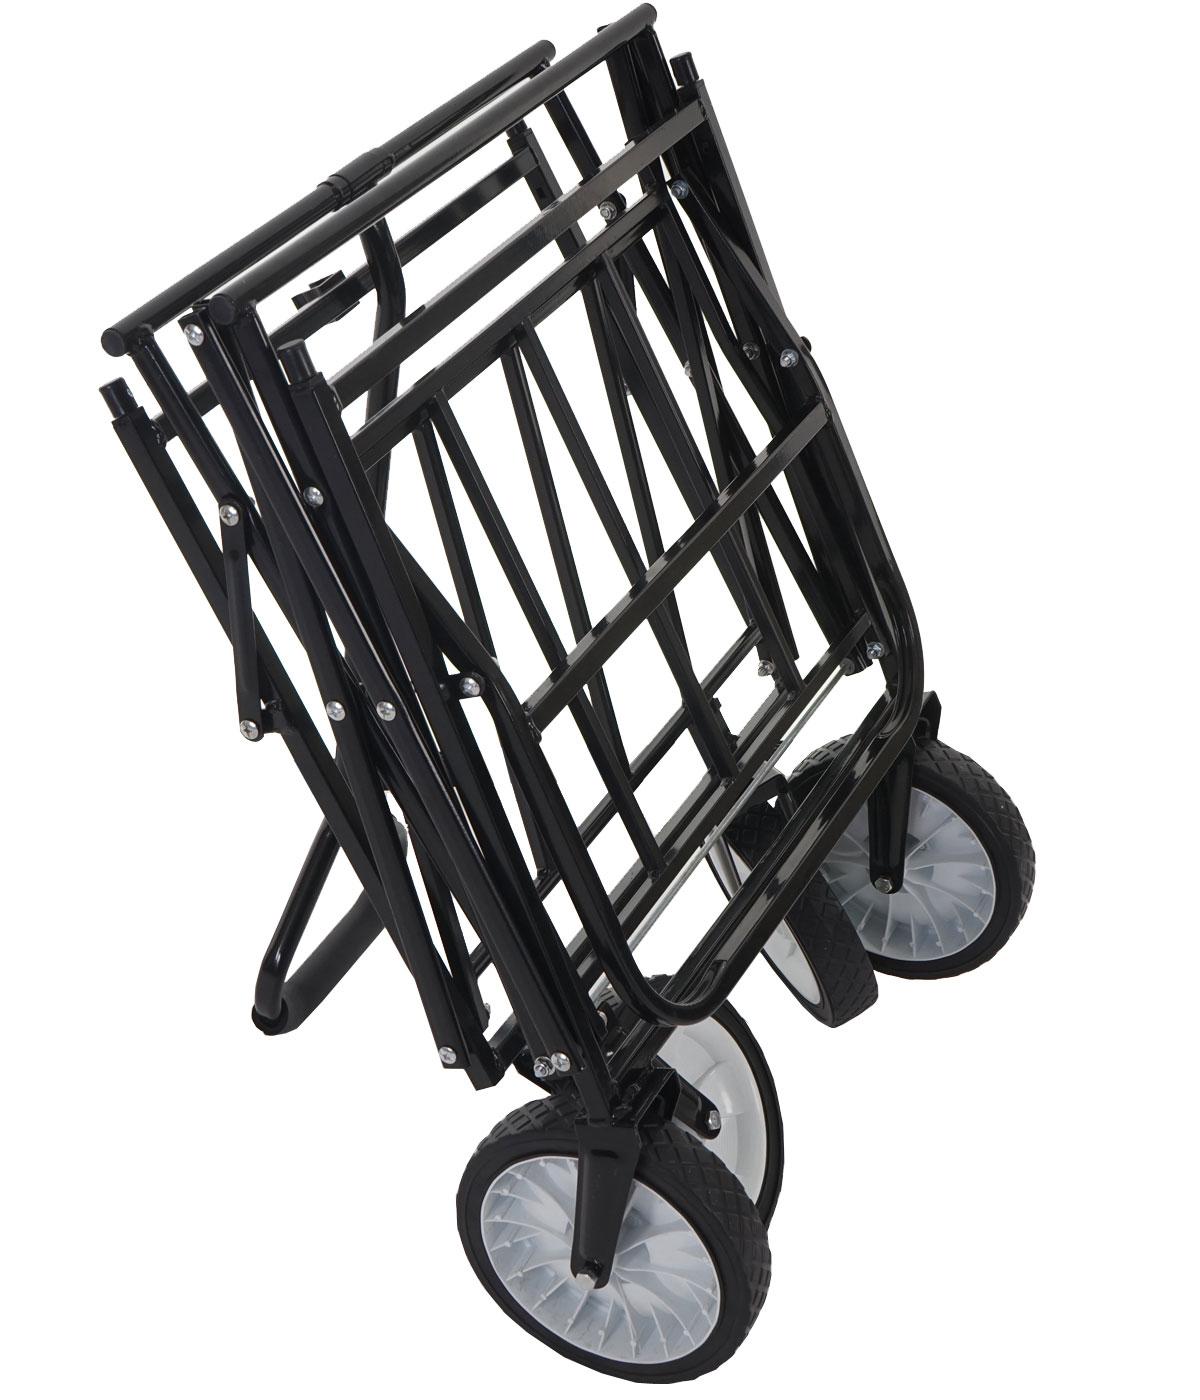 chariot pliable pour enfants morley charette avec porte bouteille gris ebay. Black Bedroom Furniture Sets. Home Design Ideas